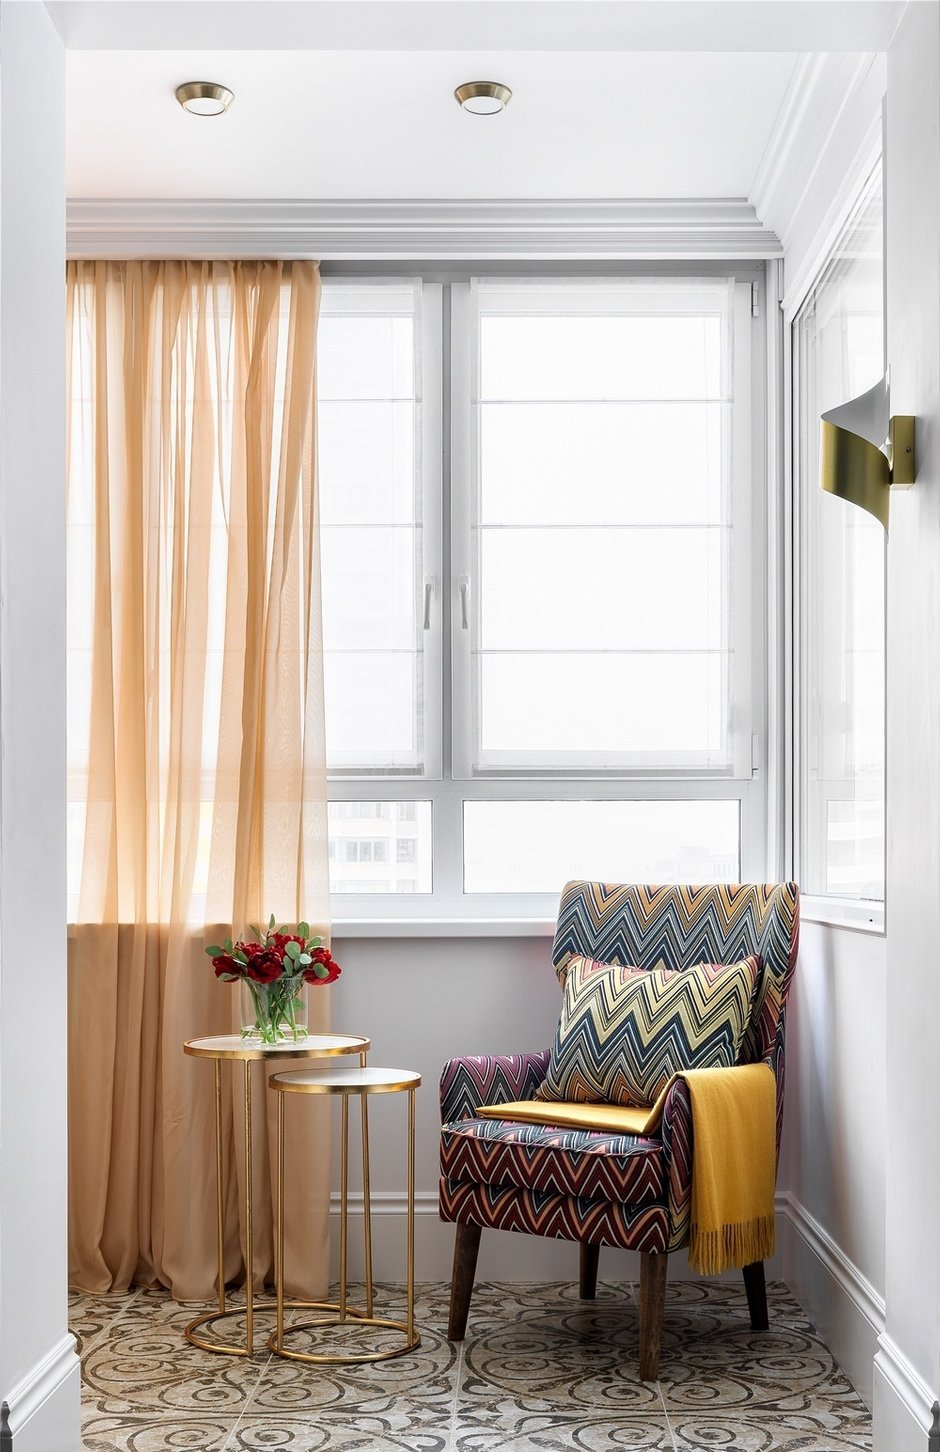 Фотография: Балкон в стиле Современный, Квартира, Проект недели, Москва, Монолитный дом, 1 комната, 40-60 метров, Серж Махов – фото на INMYROOM